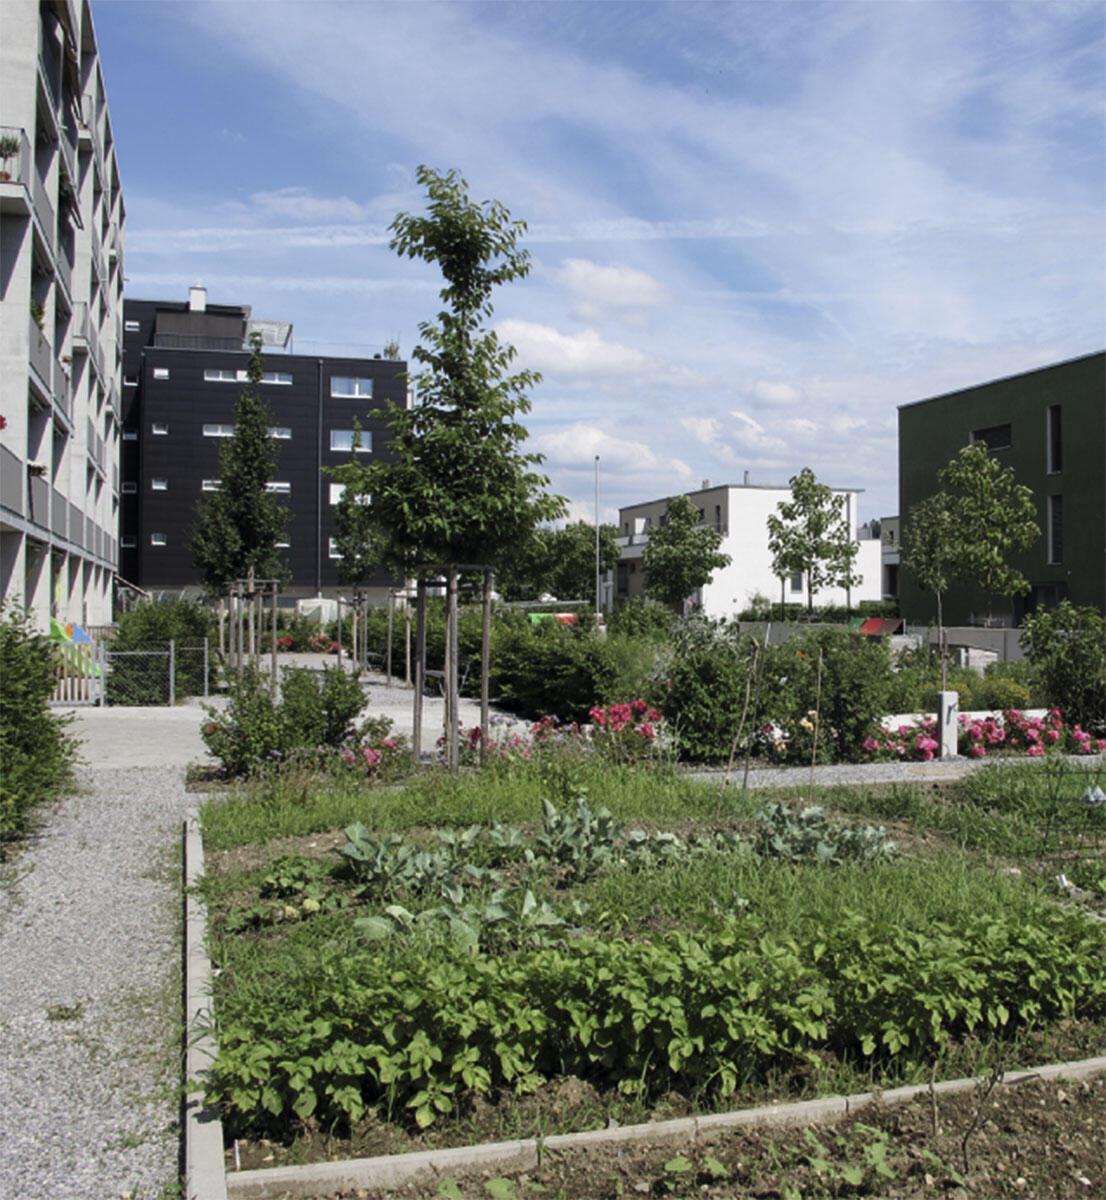 Gemüsebeete zwischen Blumen und Beerensträuchern direkt vor der Haustüre – die Bäume sind noch klein. Metron Architektur, Wohnsiedlung Futura Ecofaubourg, Schlieren, 2014.